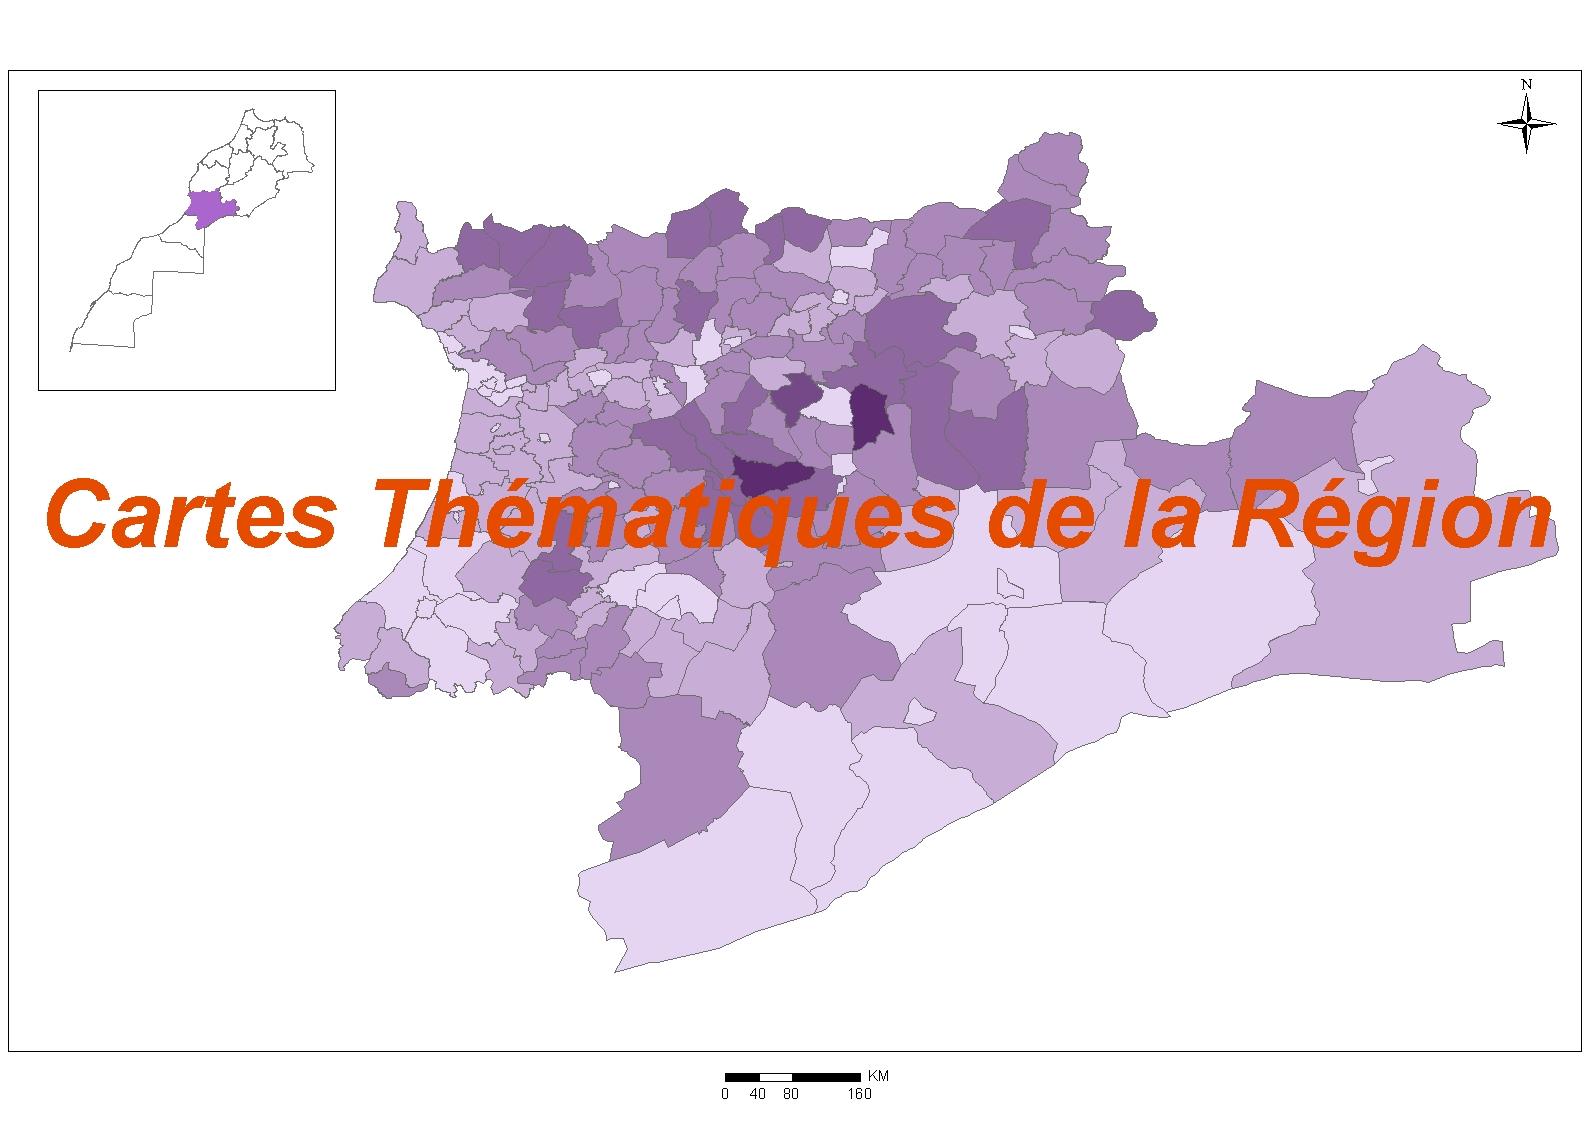 Cartes thématiques de la région : Langues